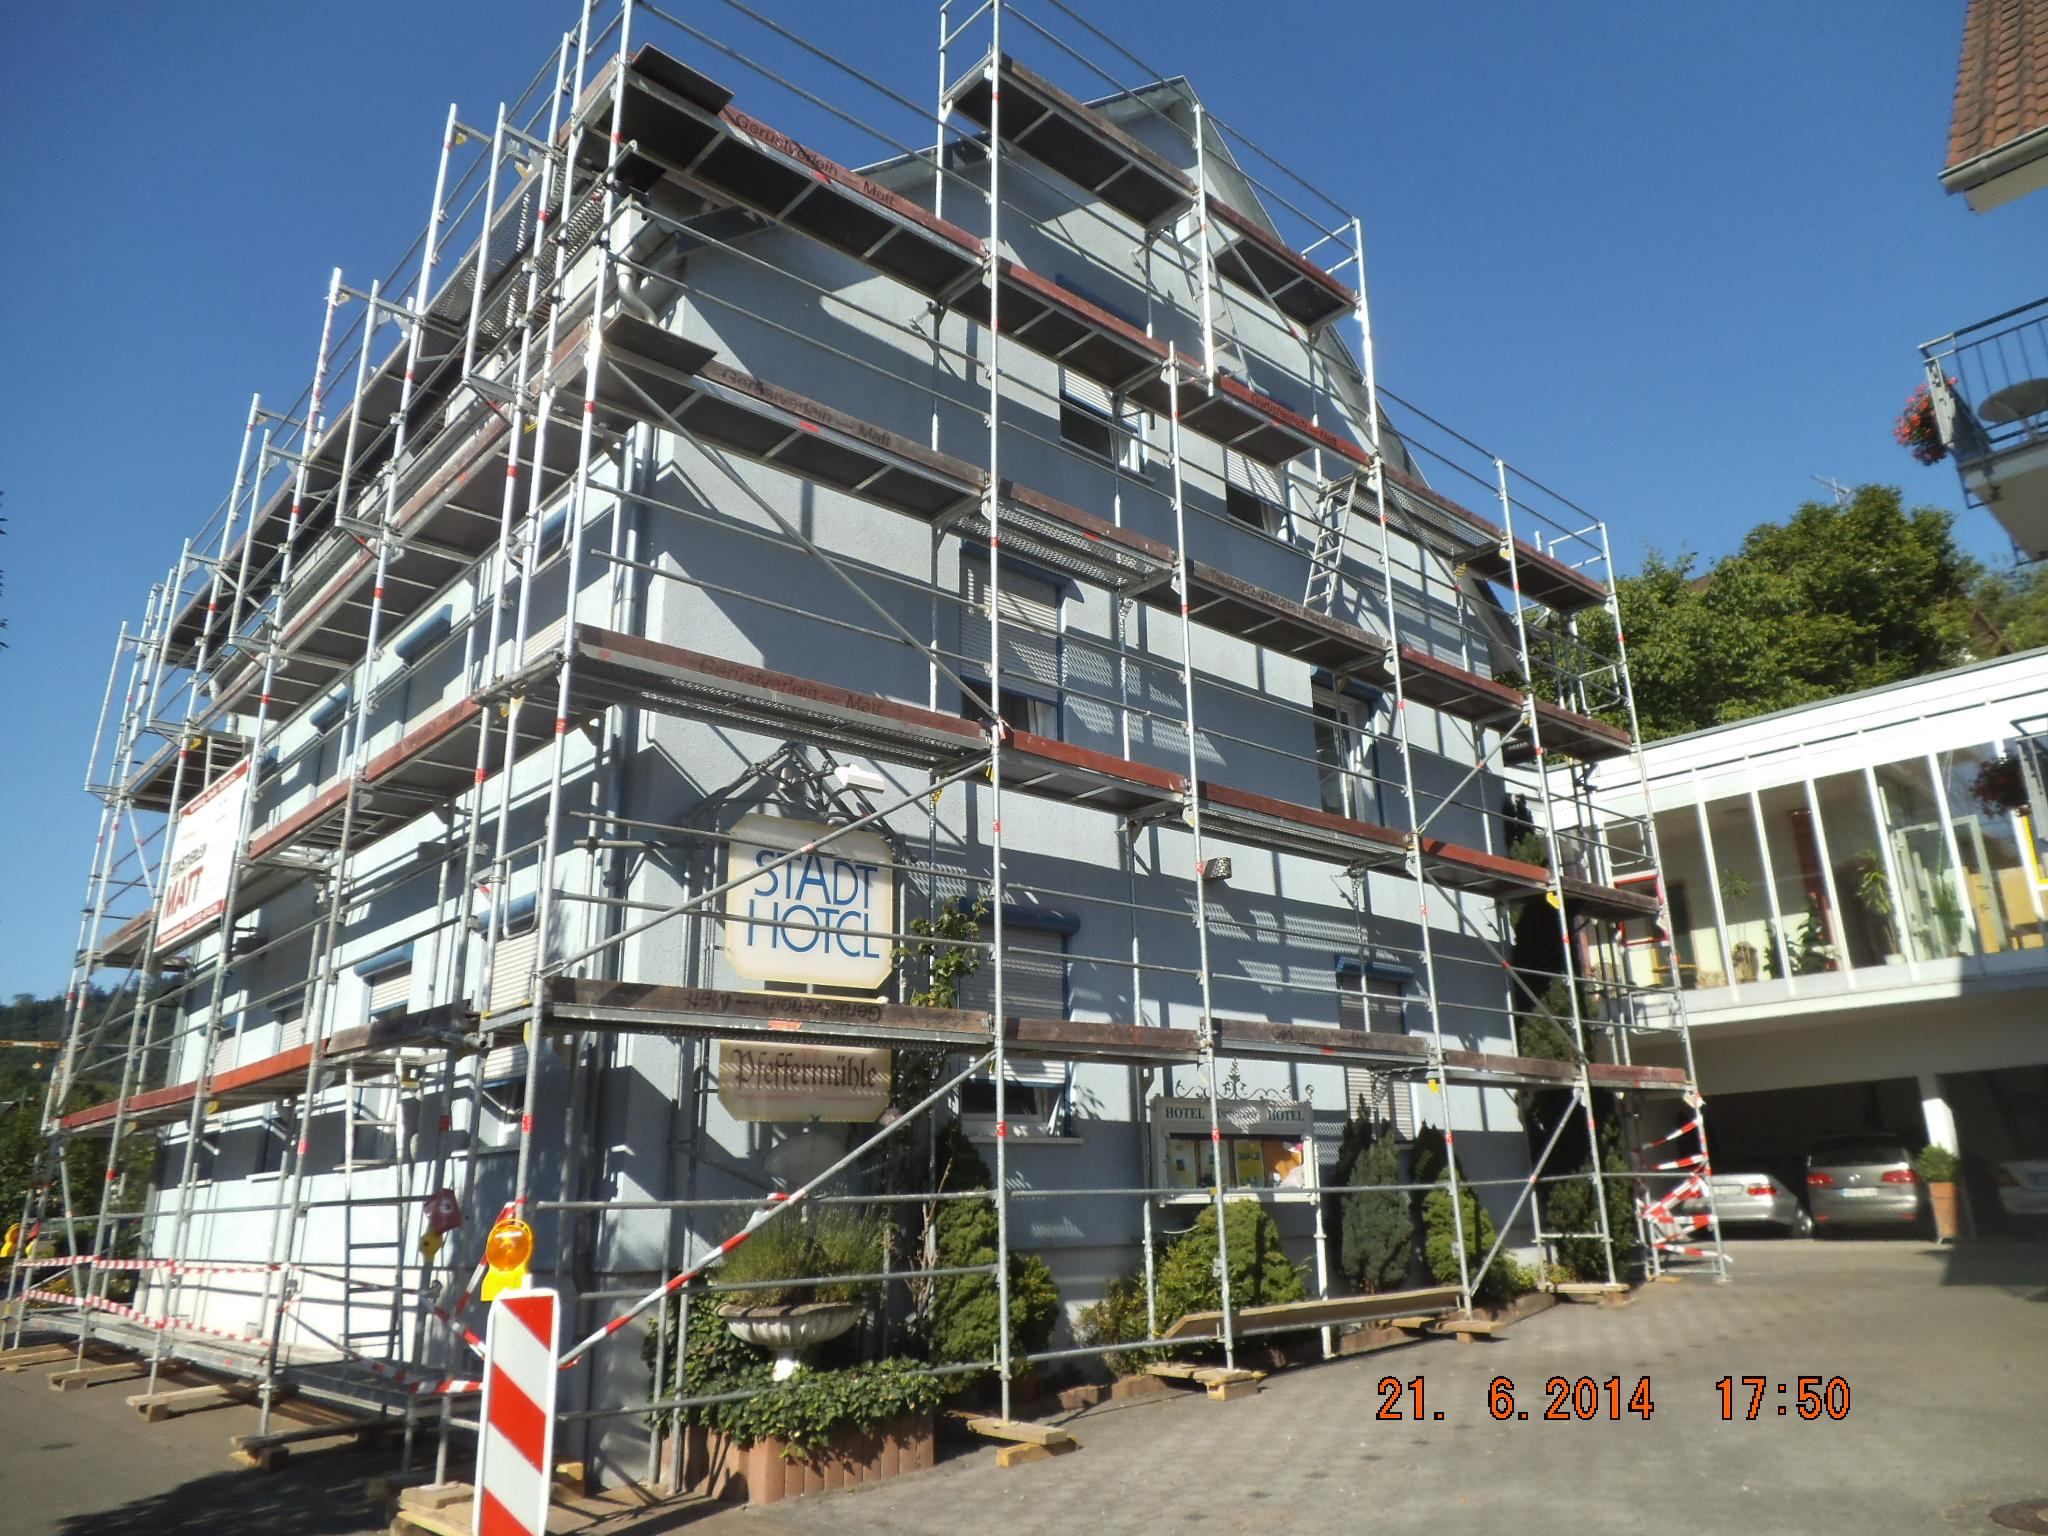 Hotel-Sanierung in Genbenbach